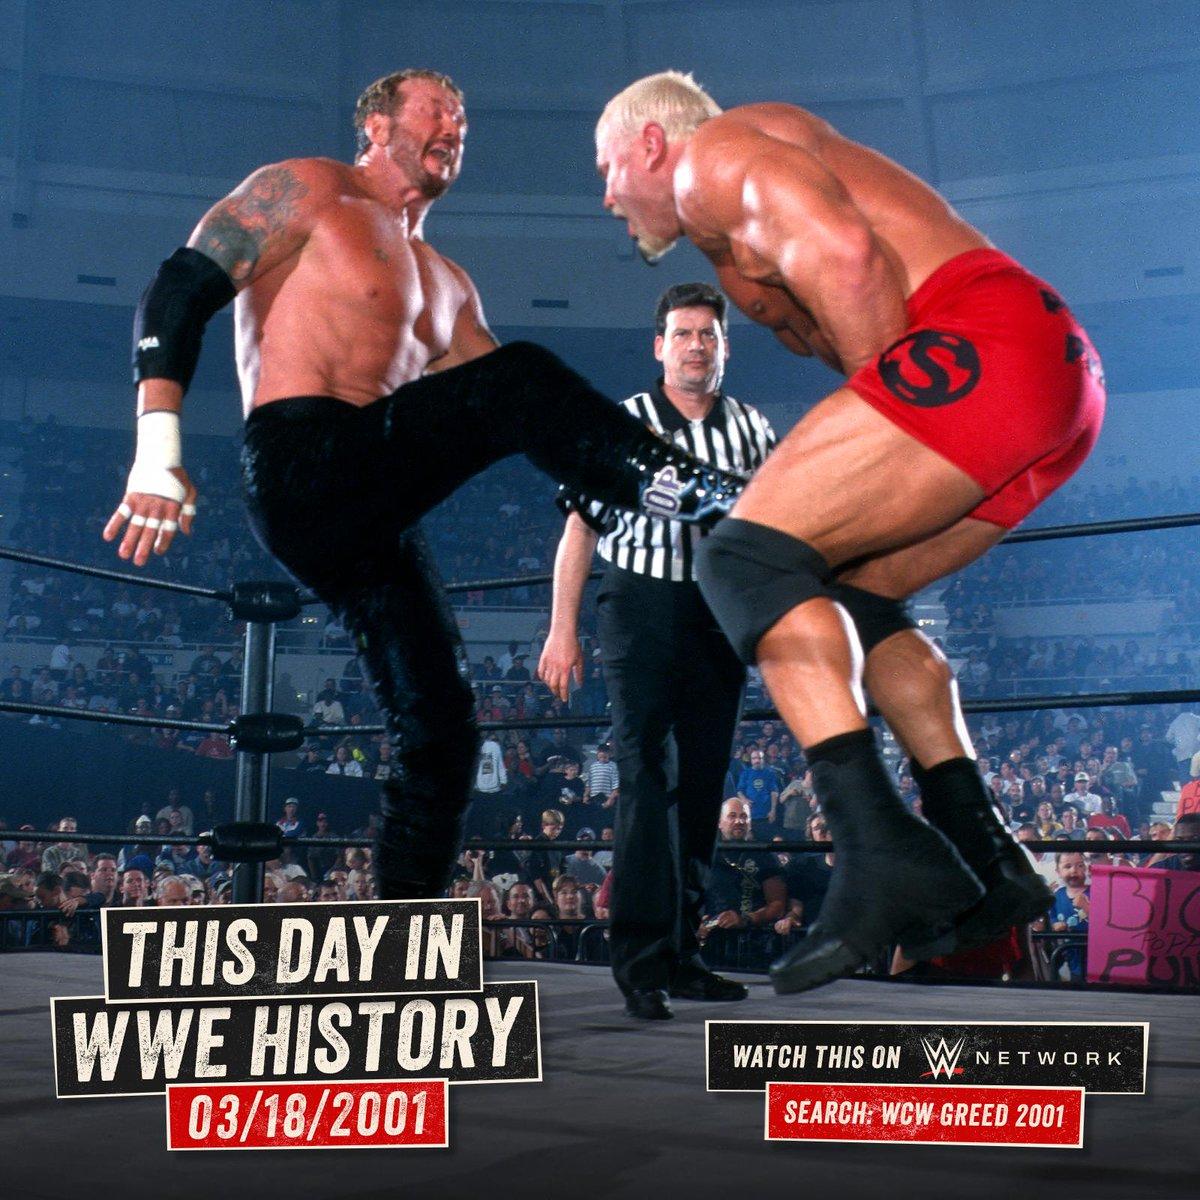 WCW Greed (2001)